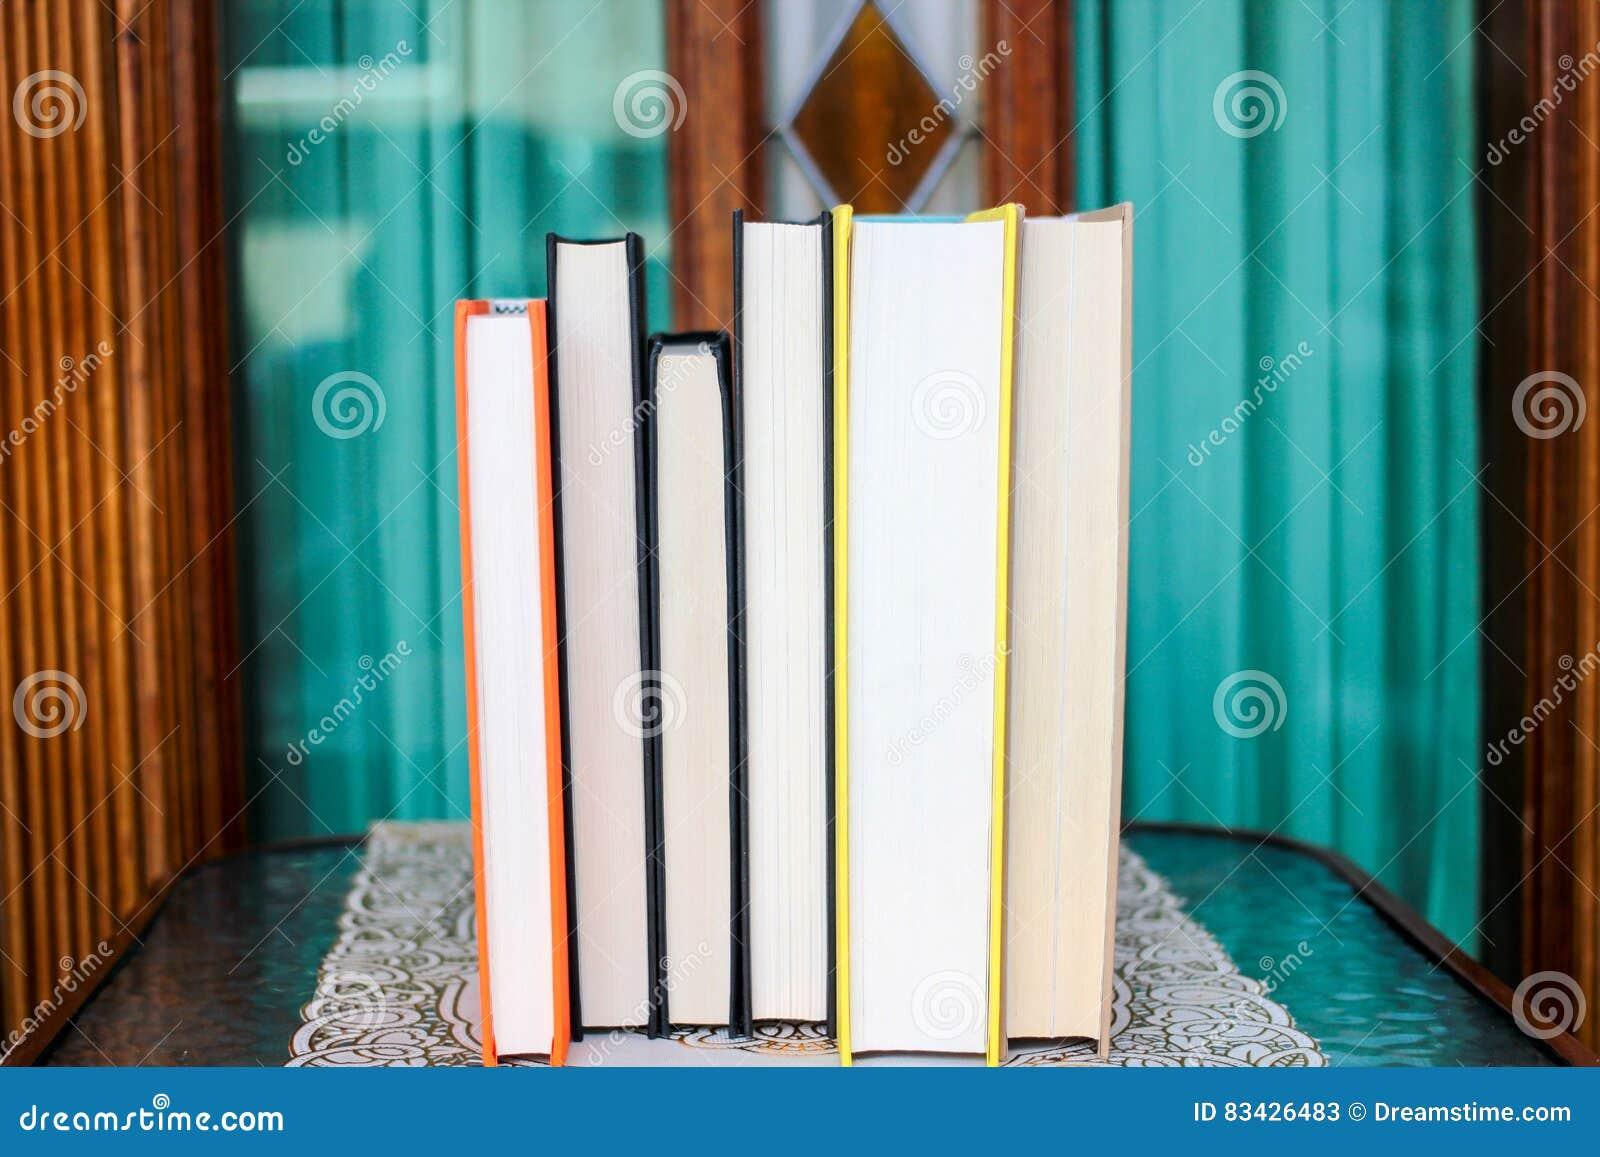 Bücher zum zu lesen